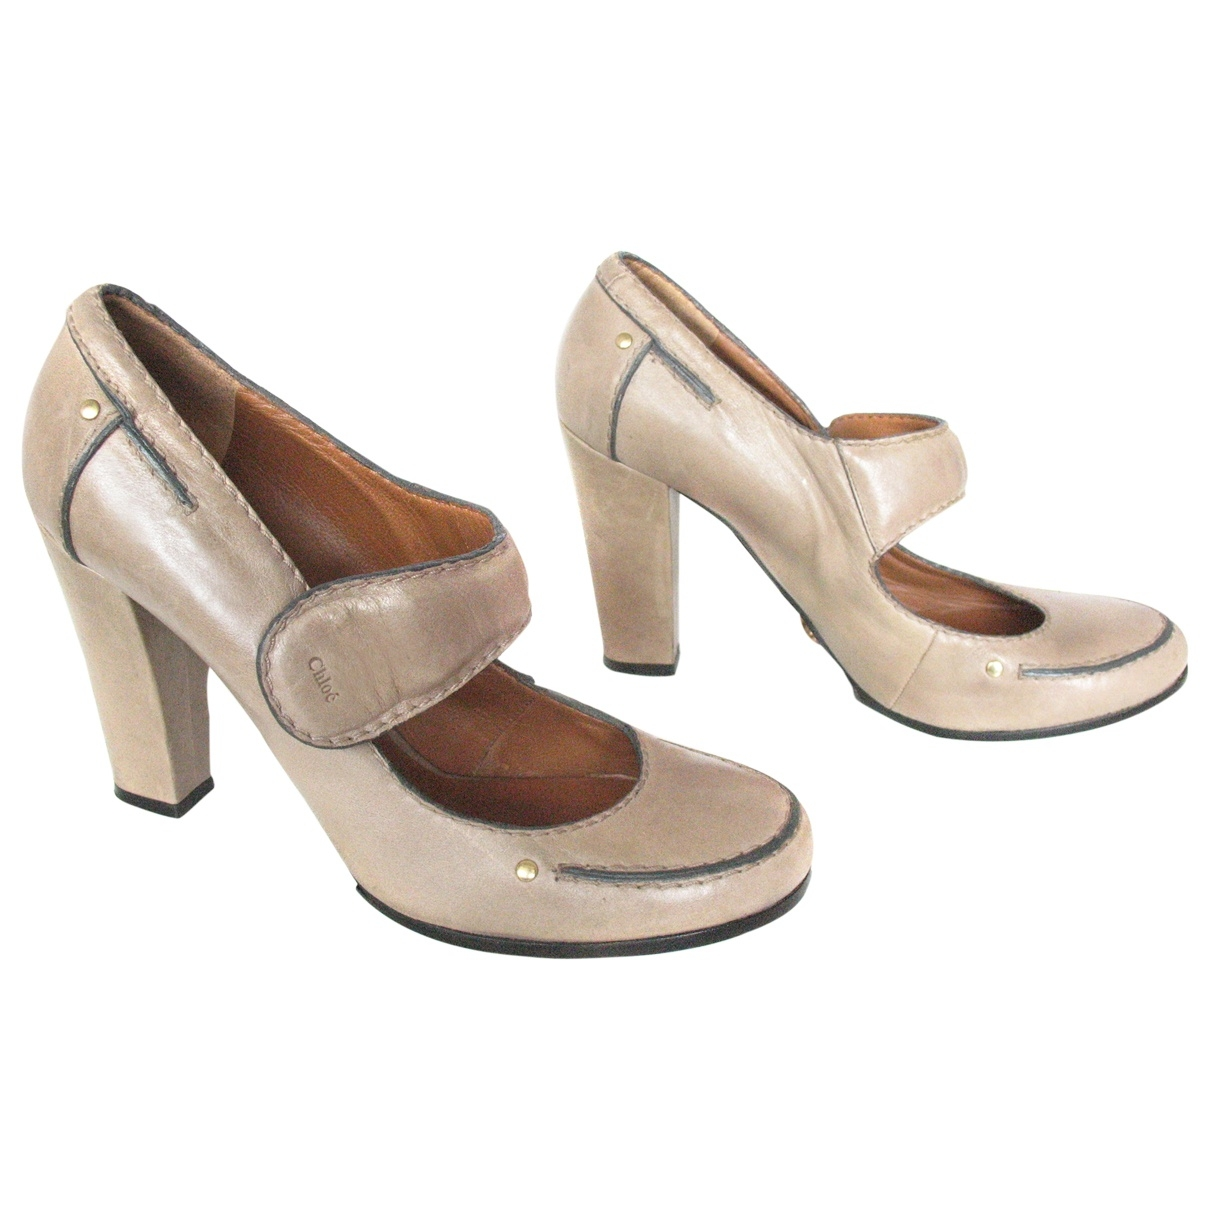 Chloé \N Beige Leather Heels for Women 39.5 EU